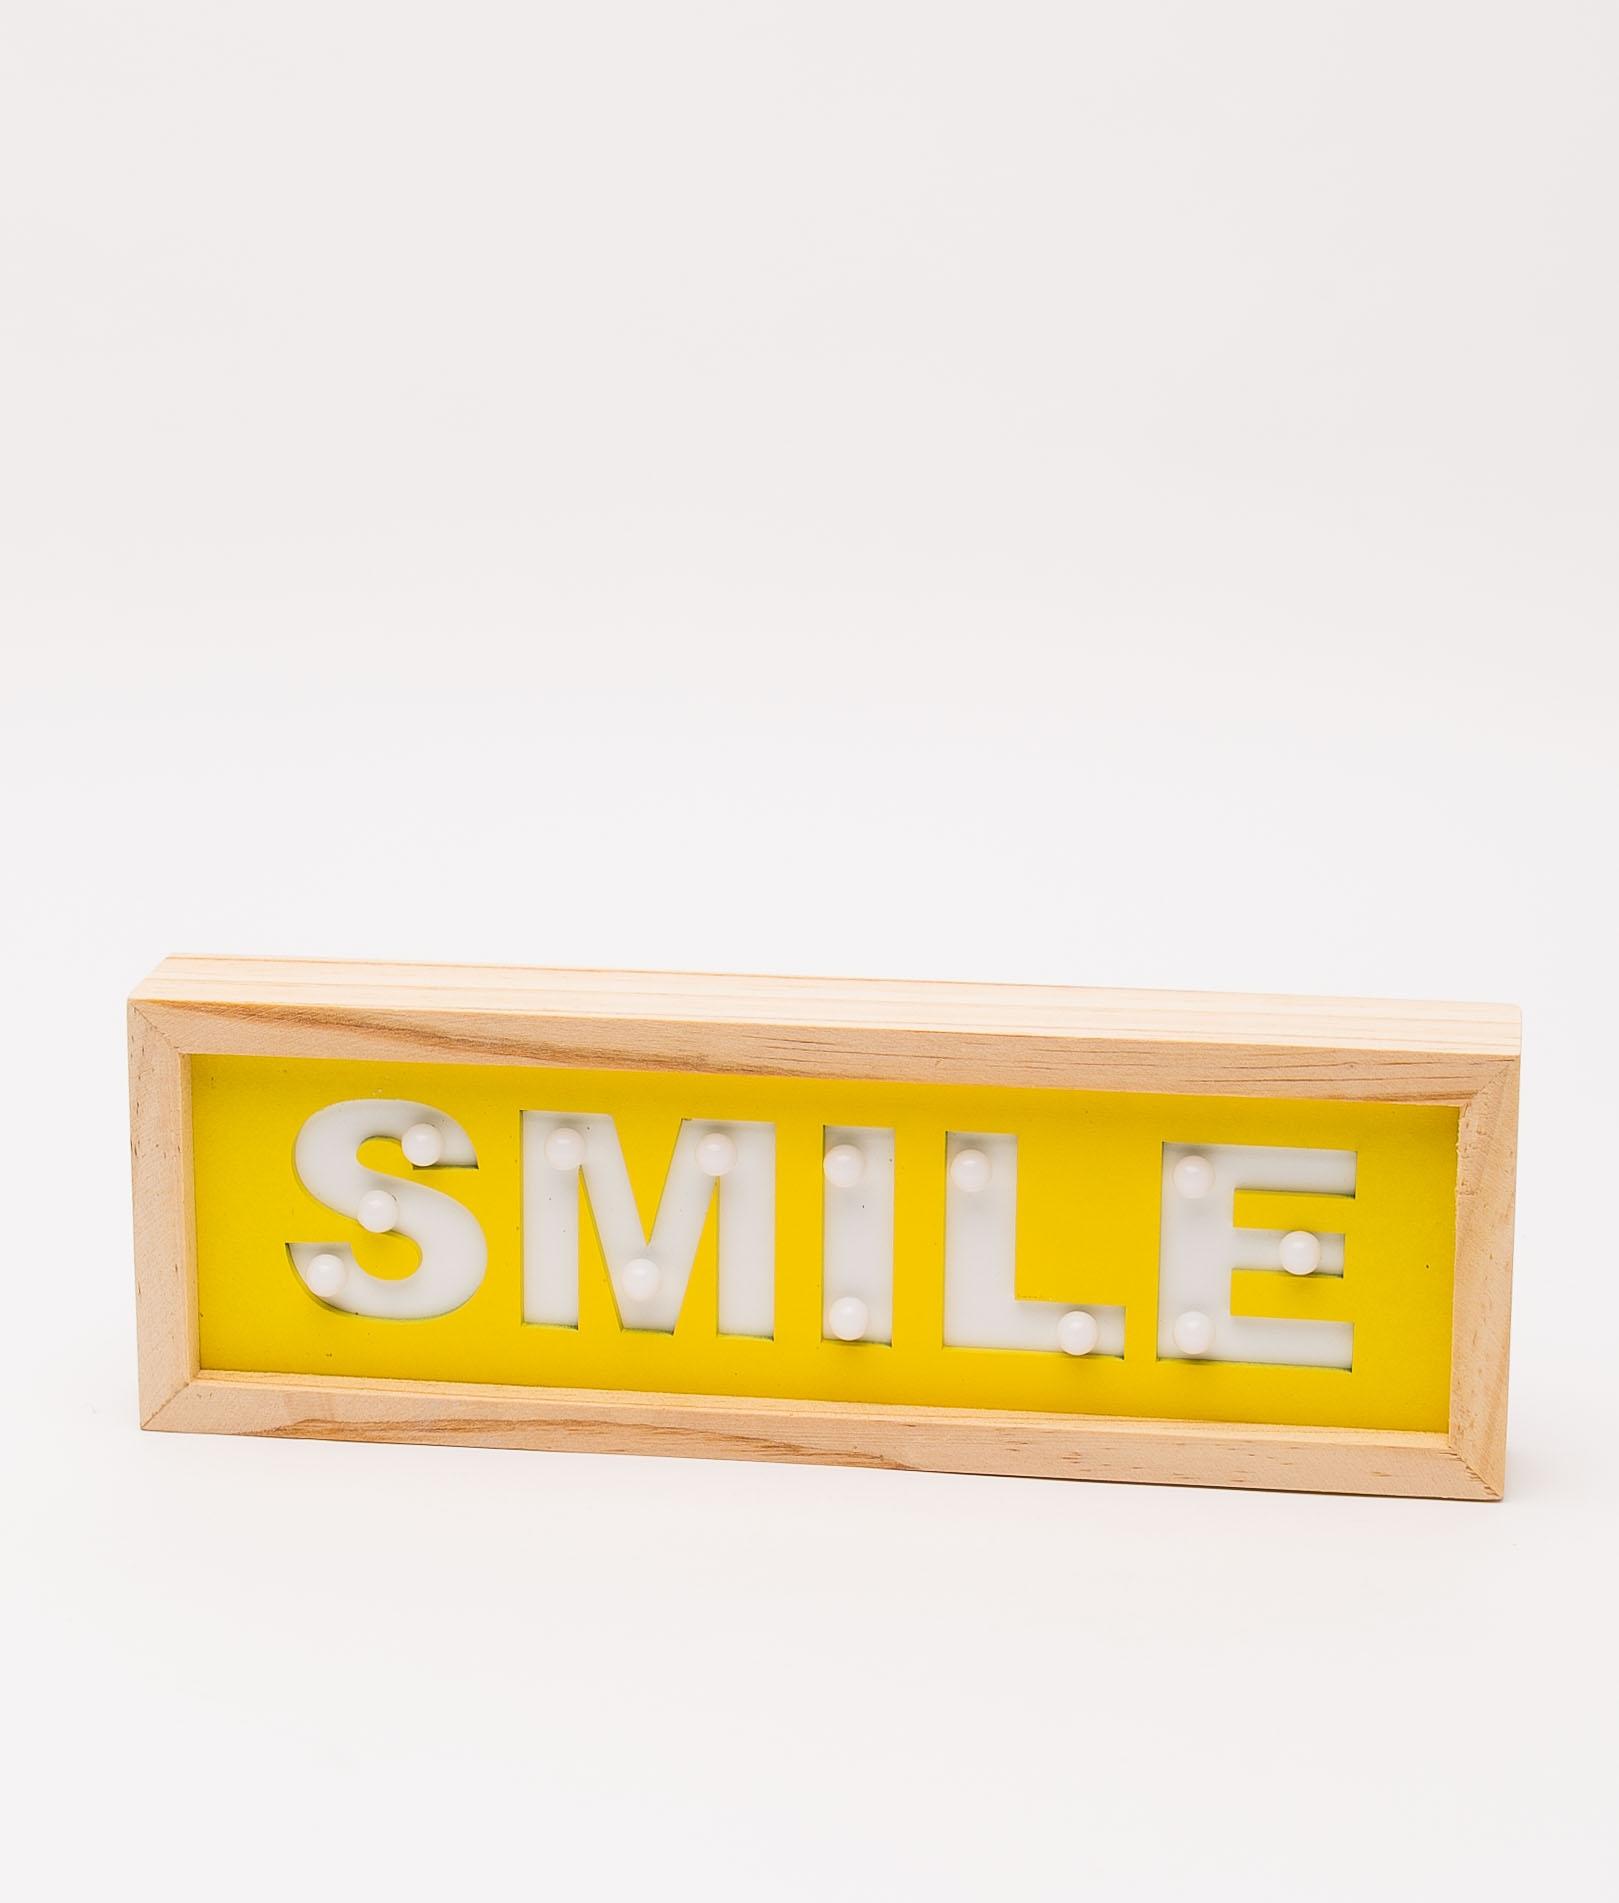 CARTEL SMILE LED - AMARILLO